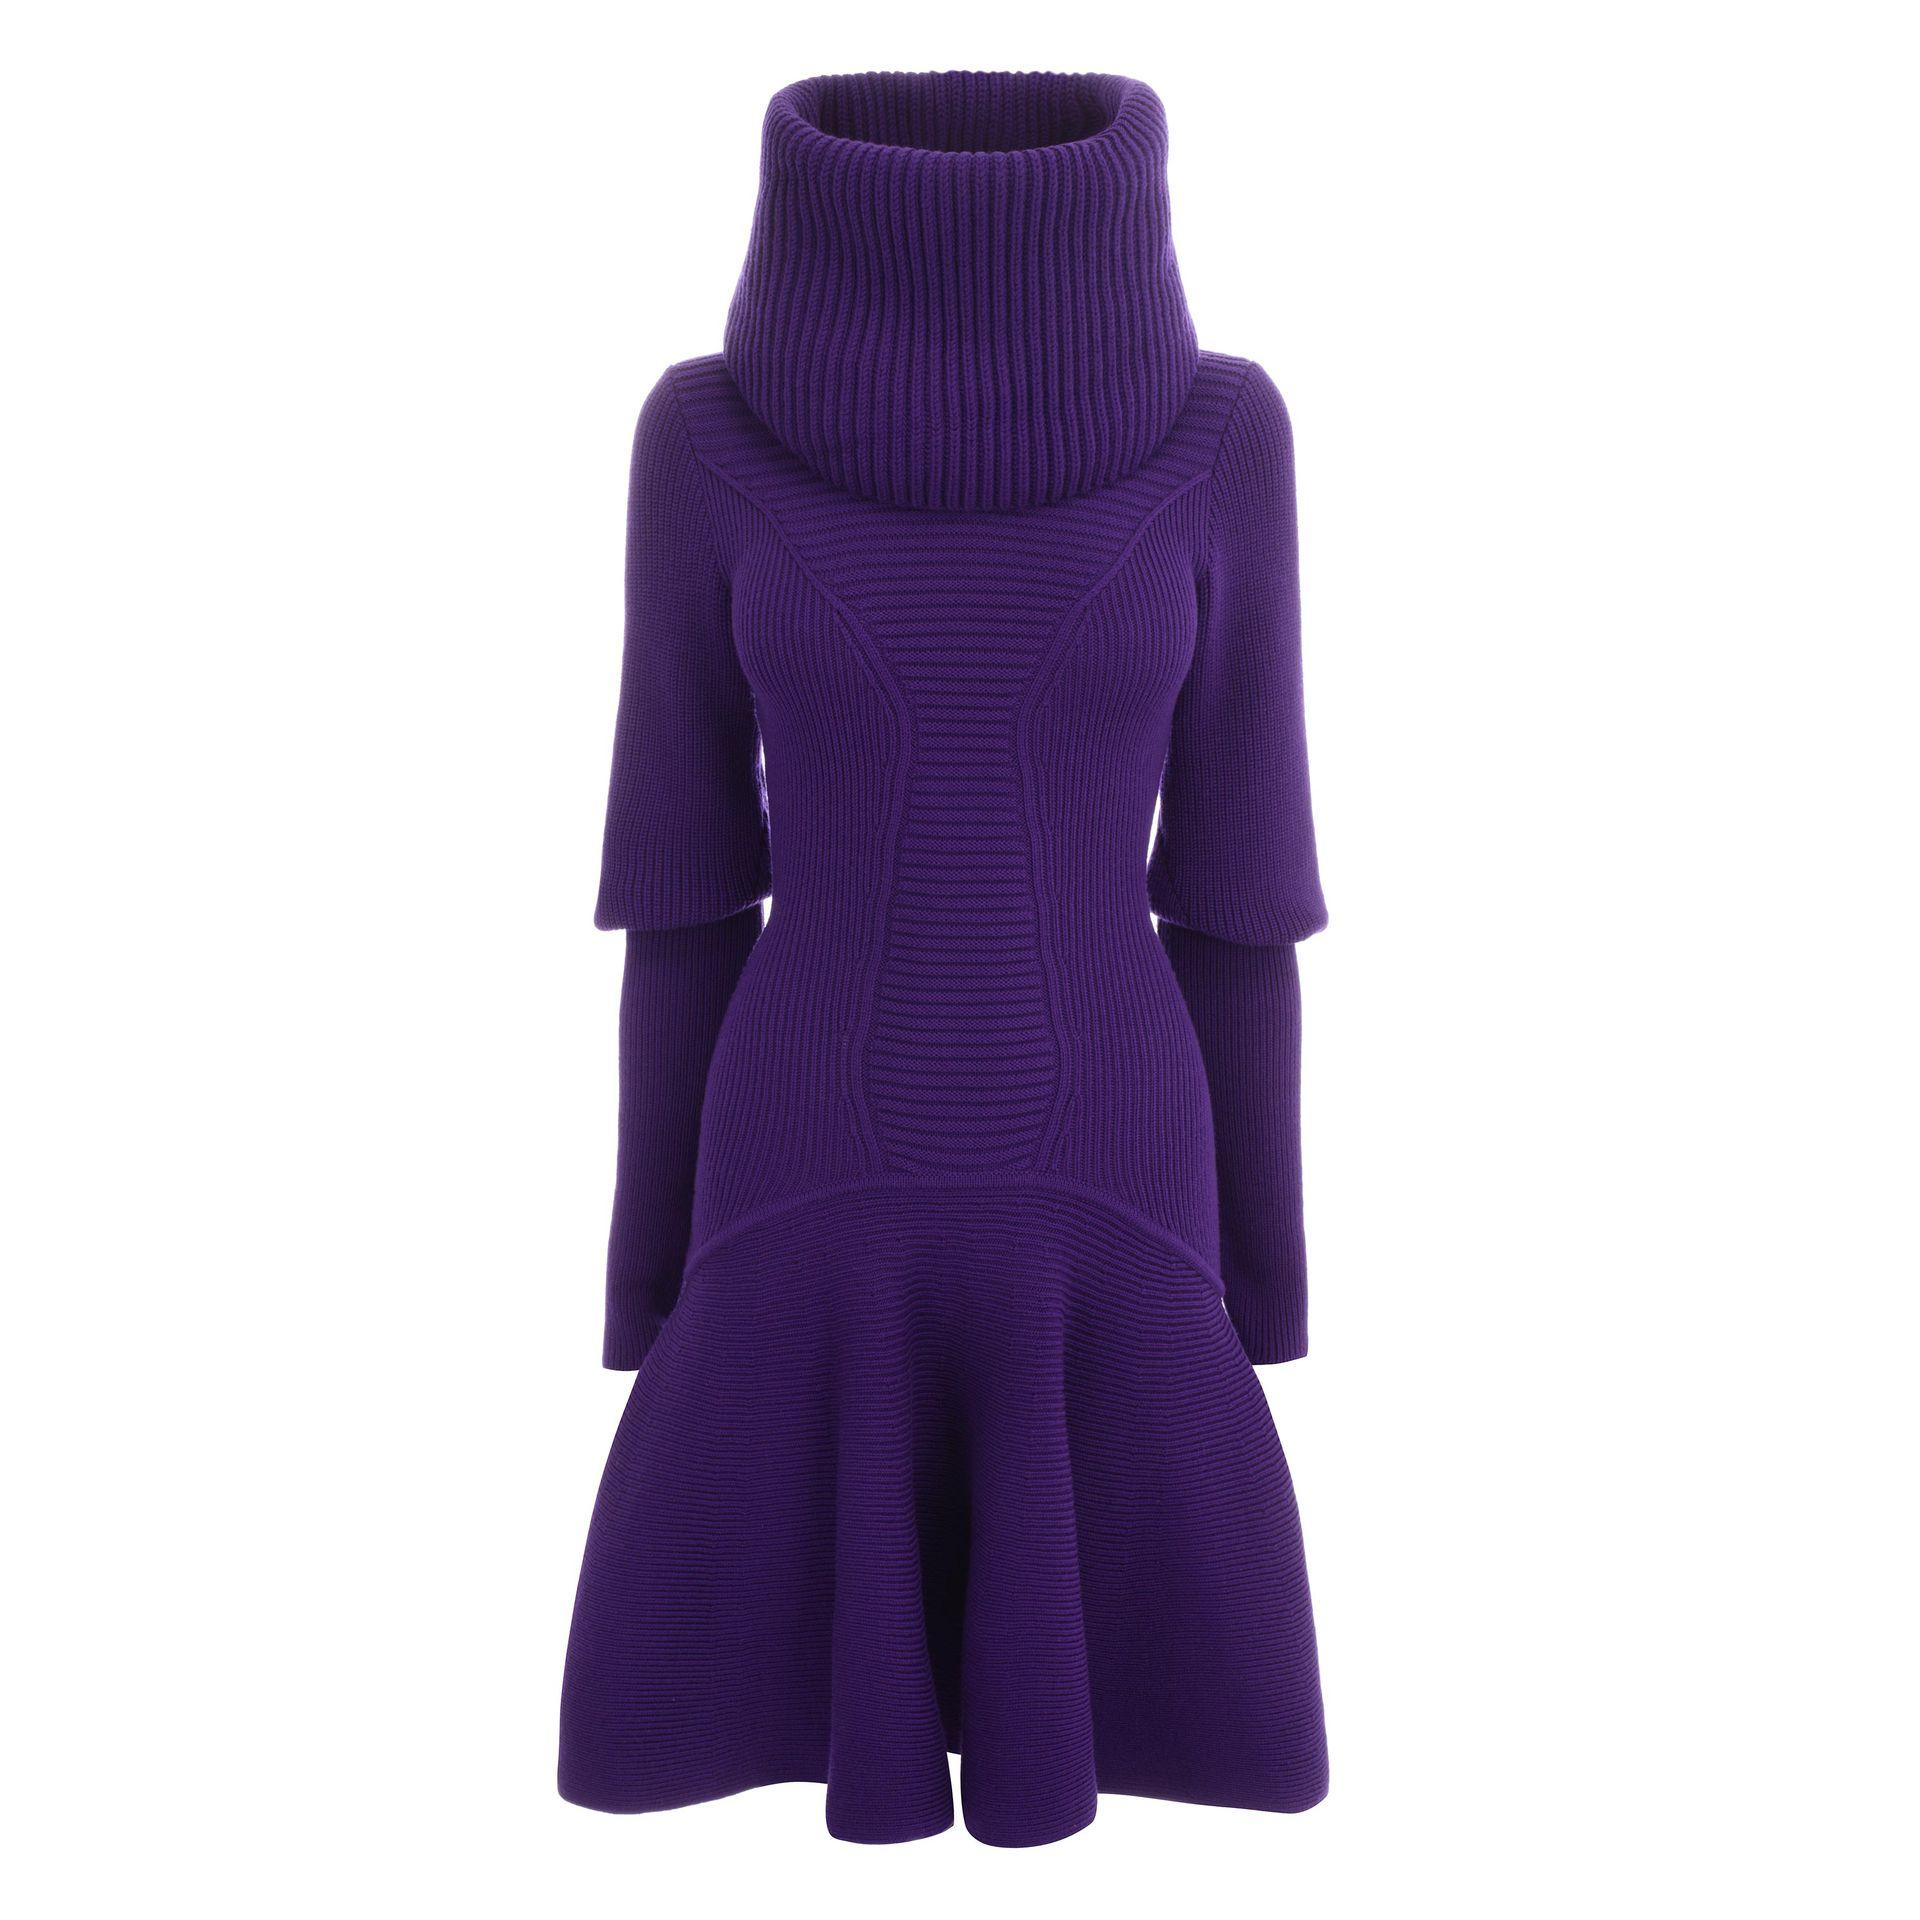 Lyst Alexander Mcqueen Funnel Neck Knit Dress In Purple